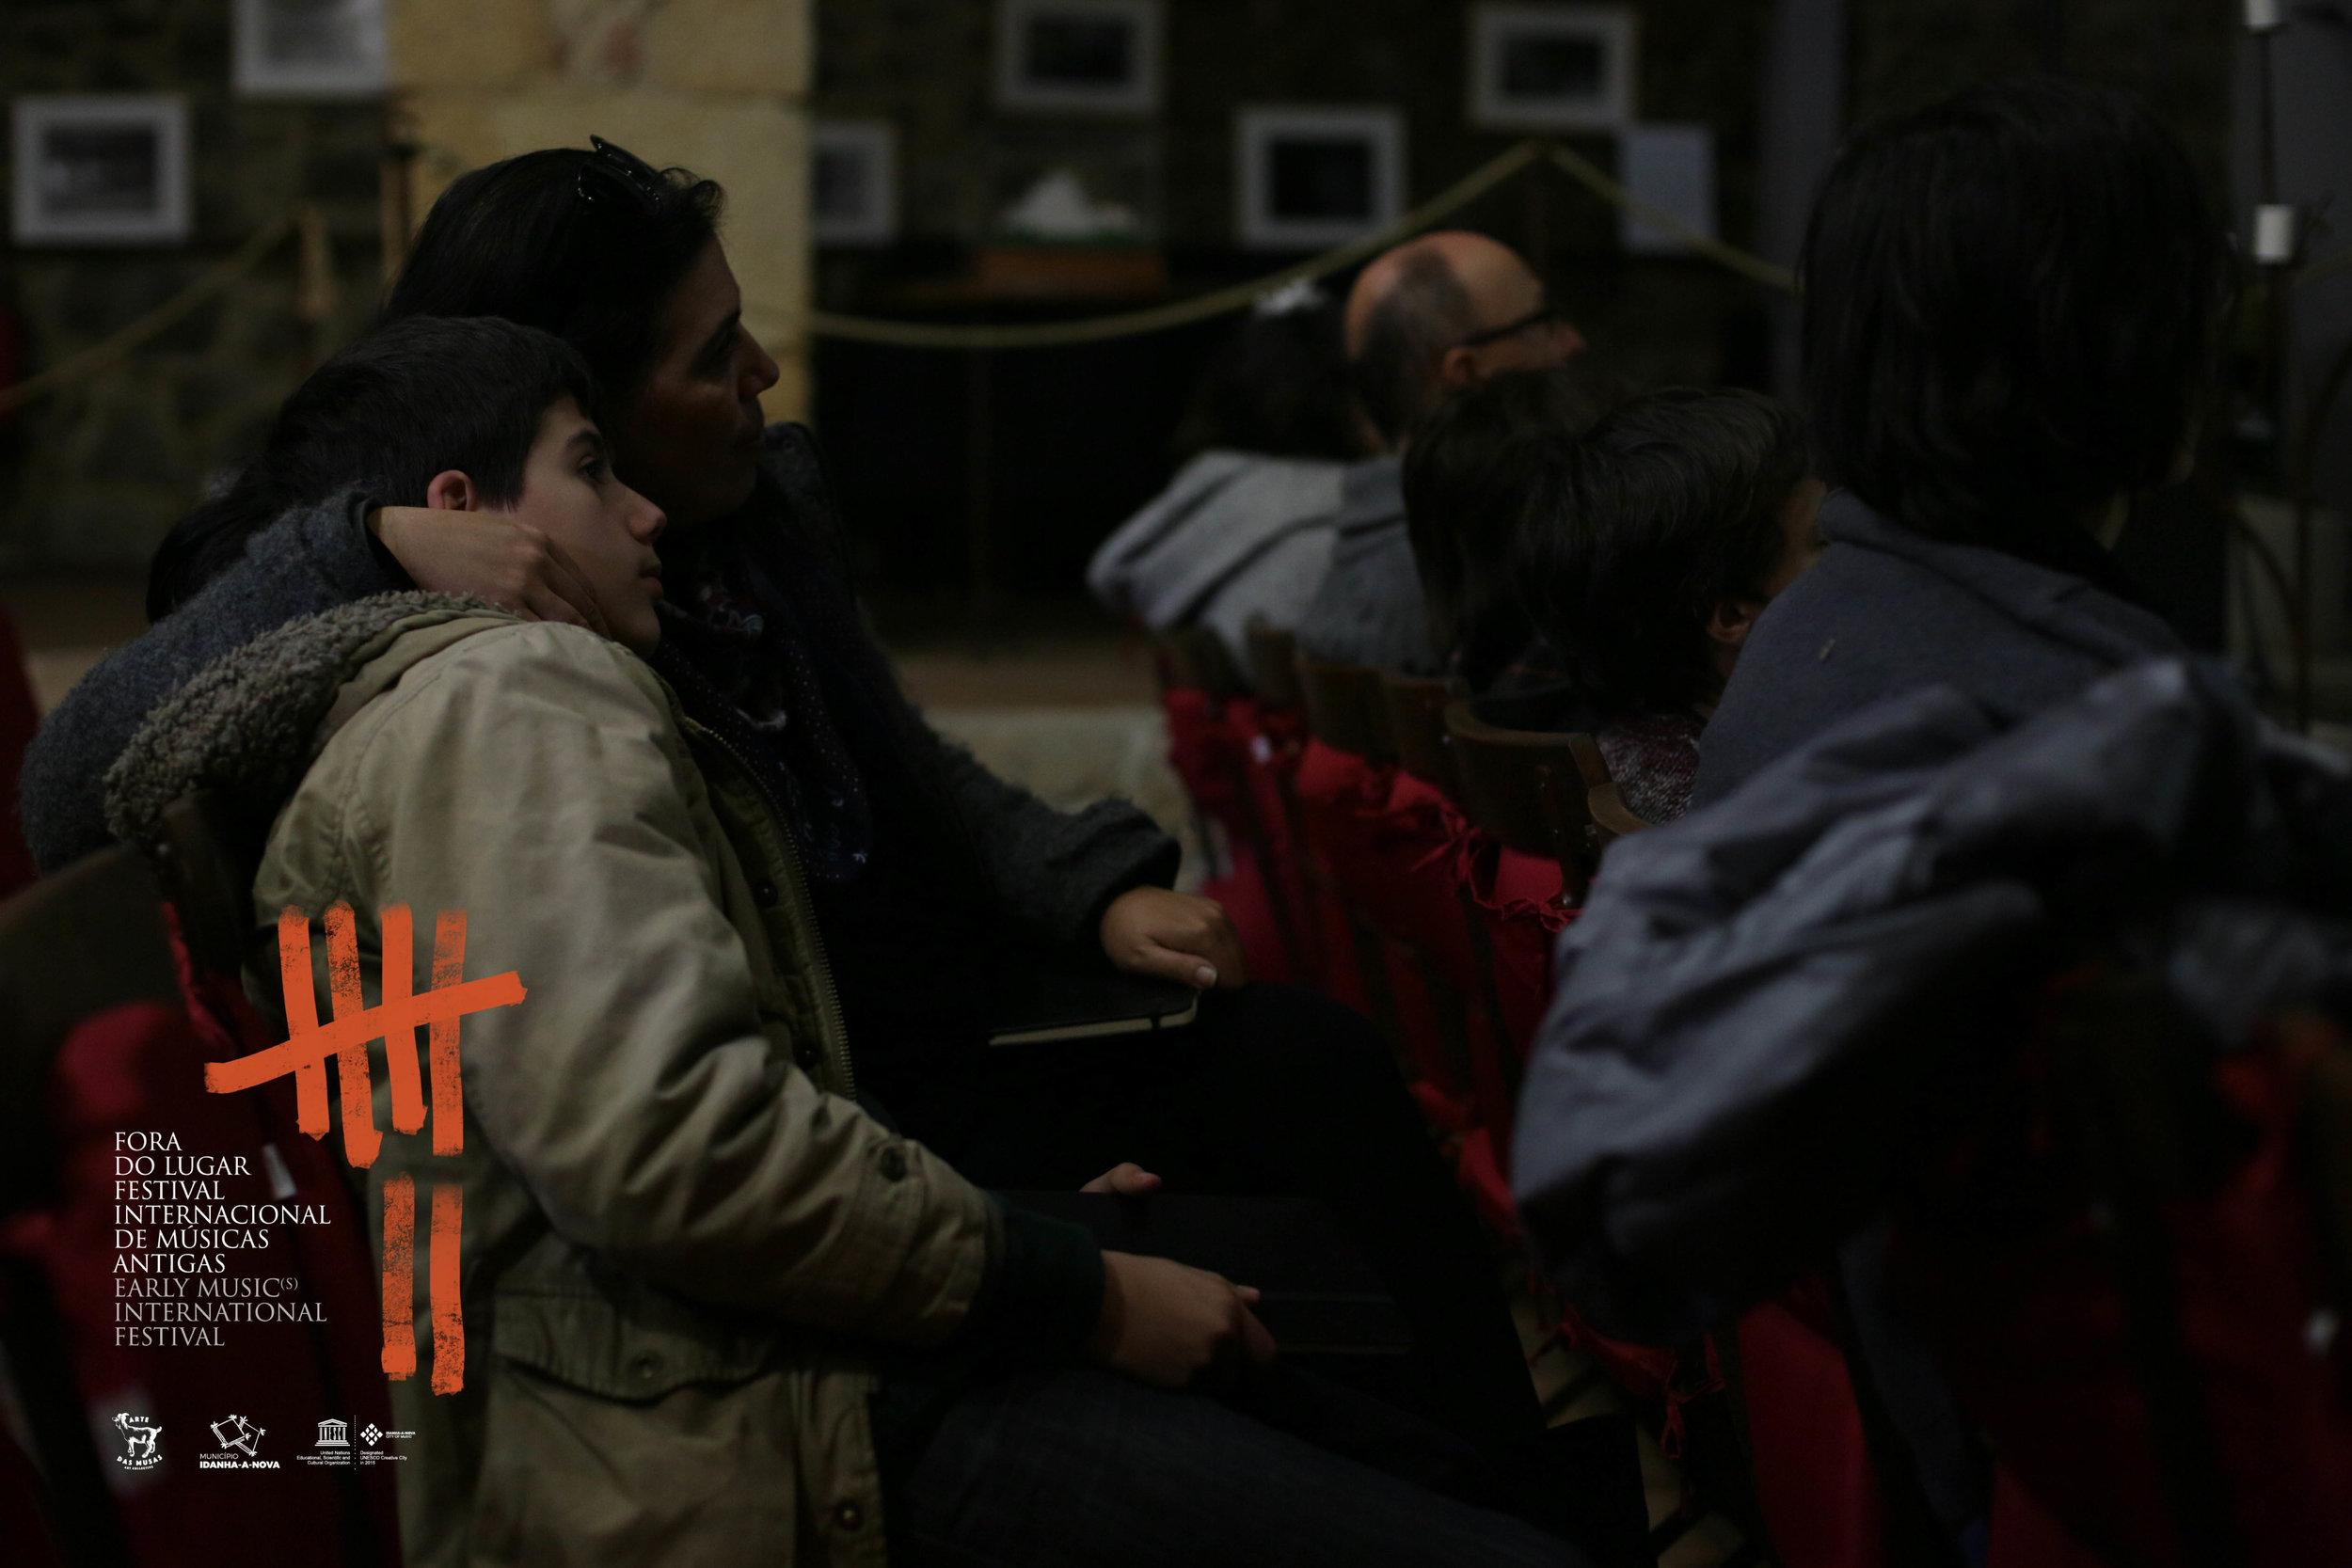 7 Festival Fora do Lugar 2018  -8318.jpg